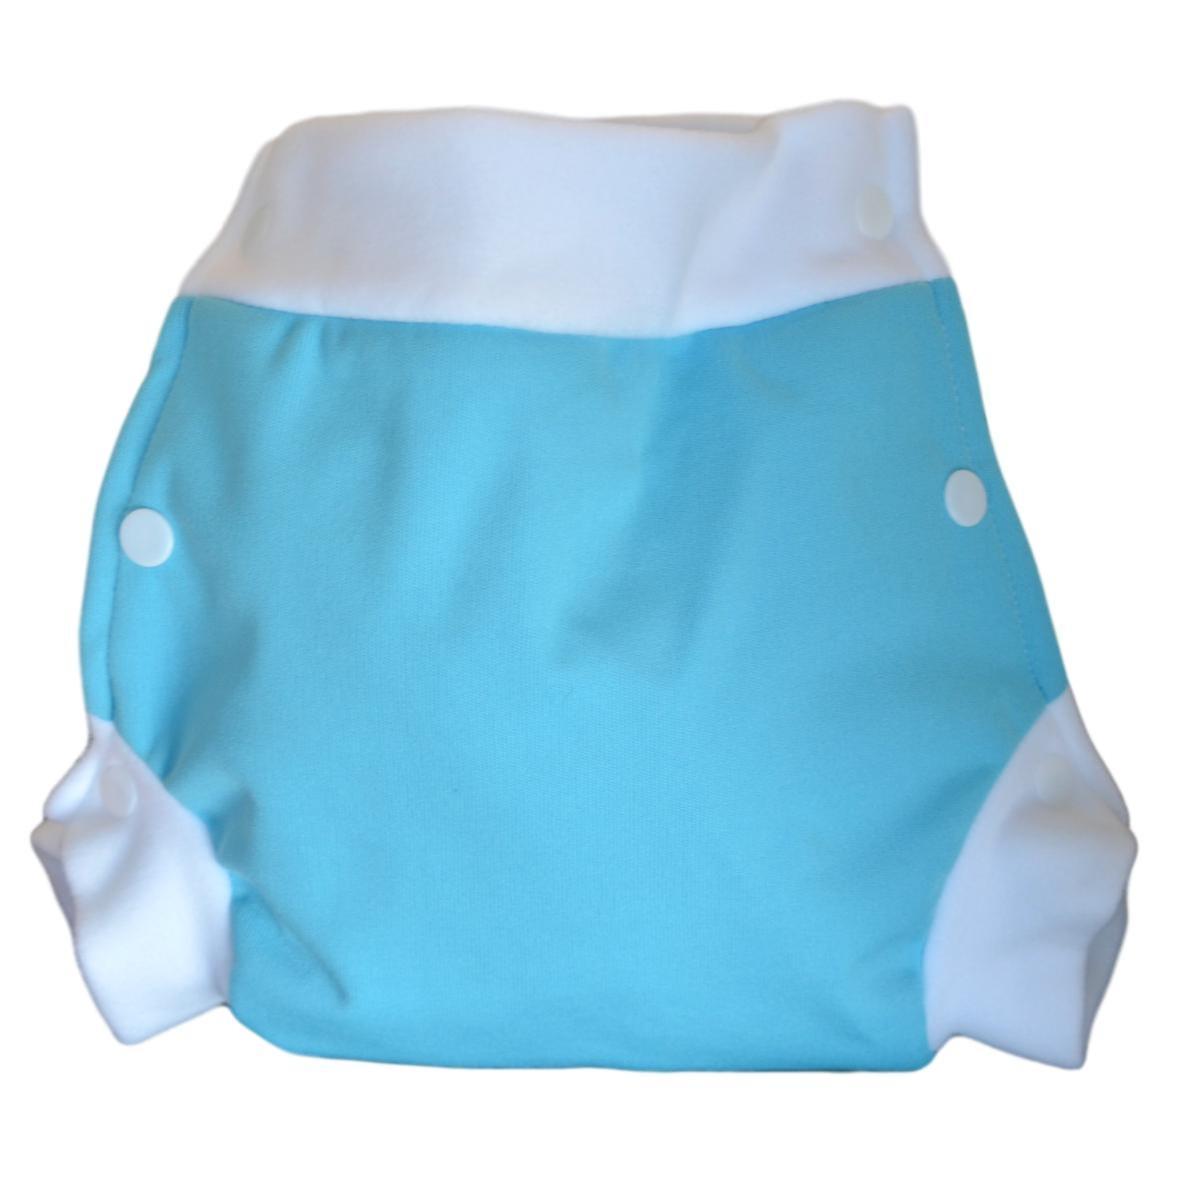 lulu boxer taille s 3 6 kg. Black Bedroom Furniture Sets. Home Design Ideas